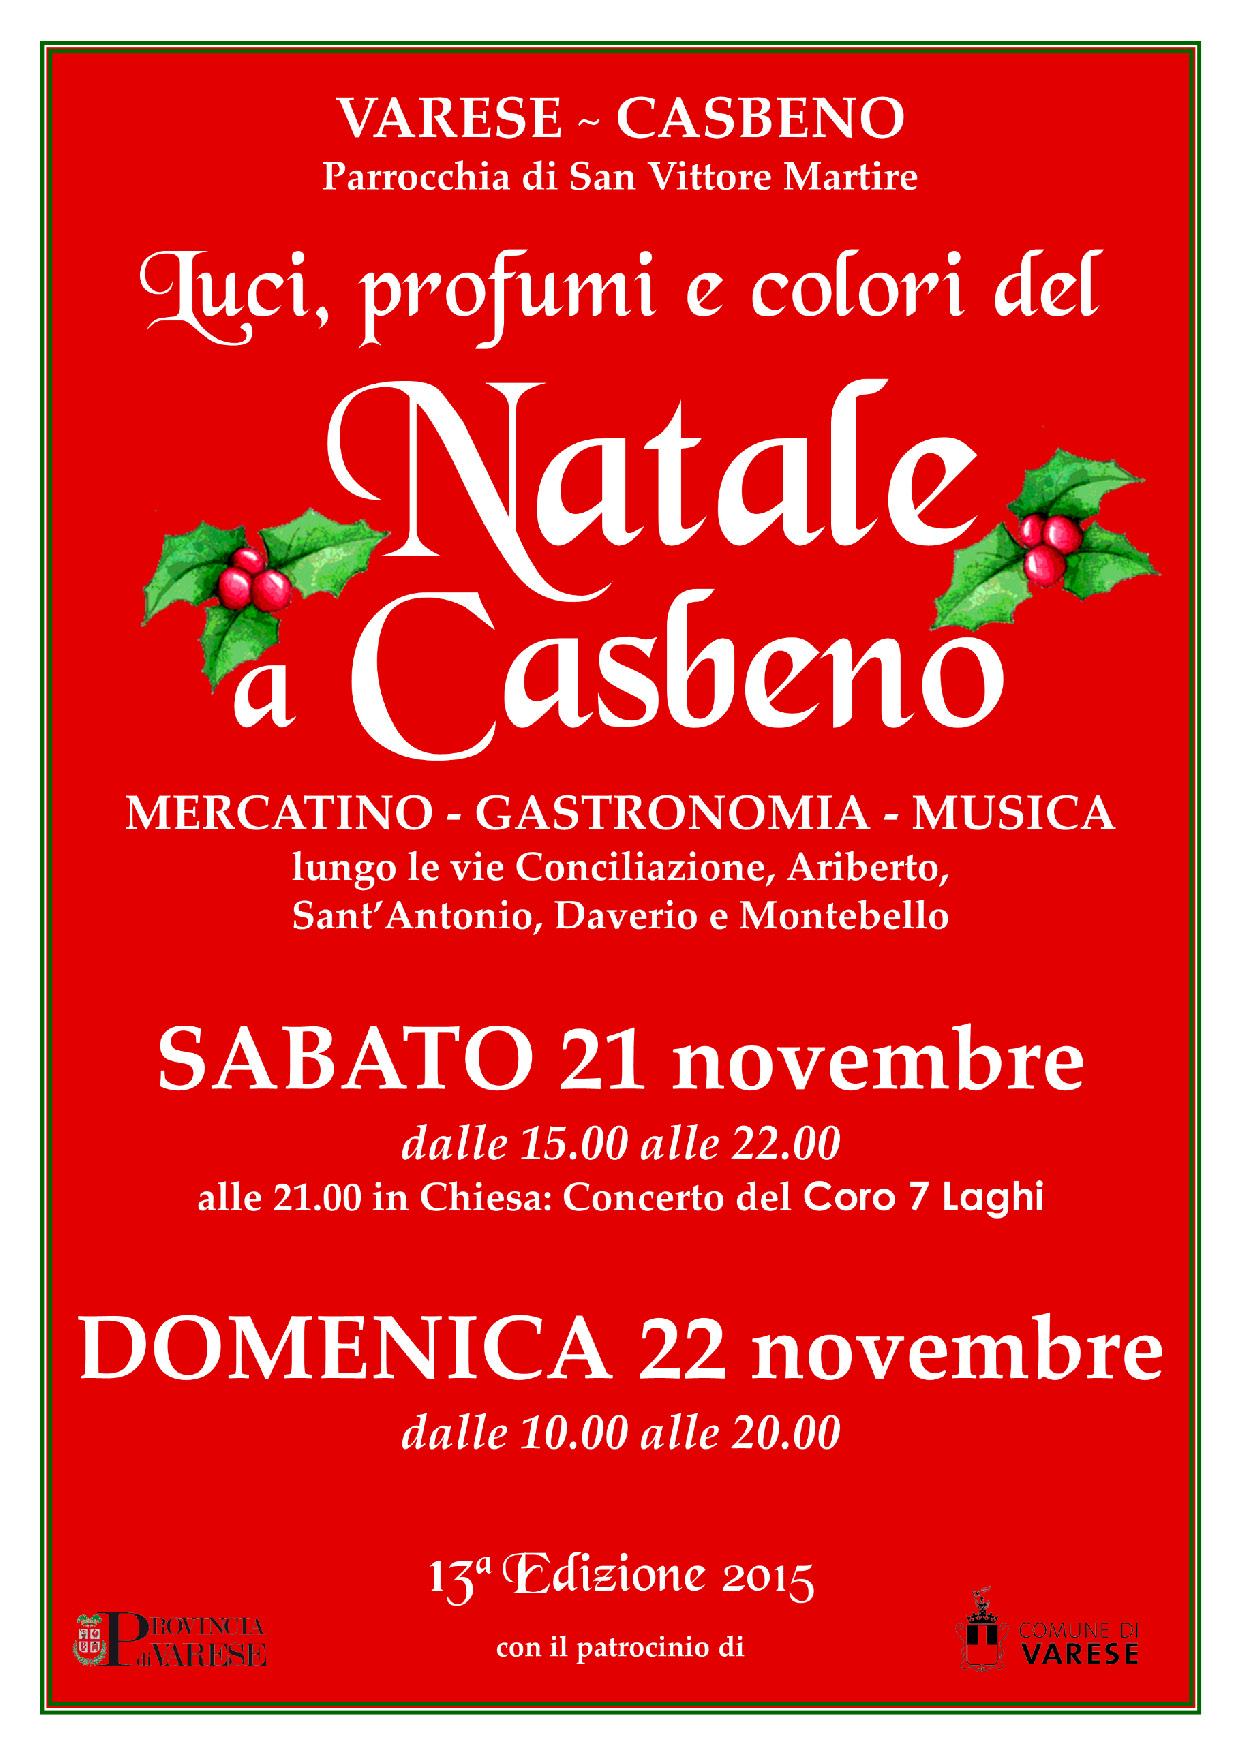 21-22 novembre 2015 – Luci, profumi e colori del Natale a Casbeno